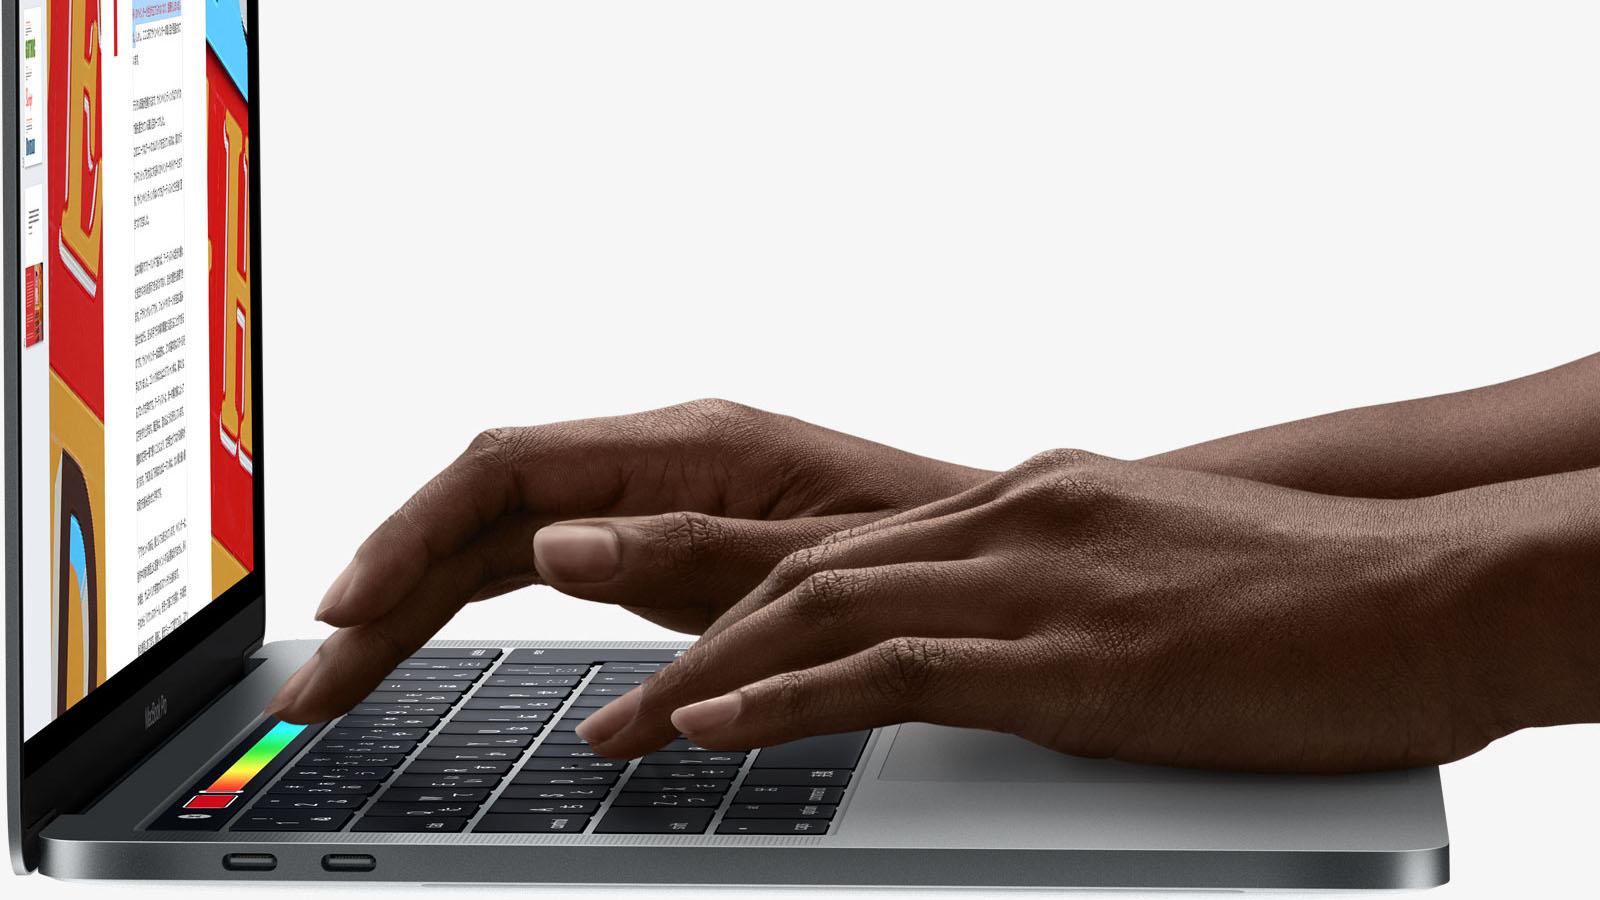 2016年 MacBook Pro キーボード